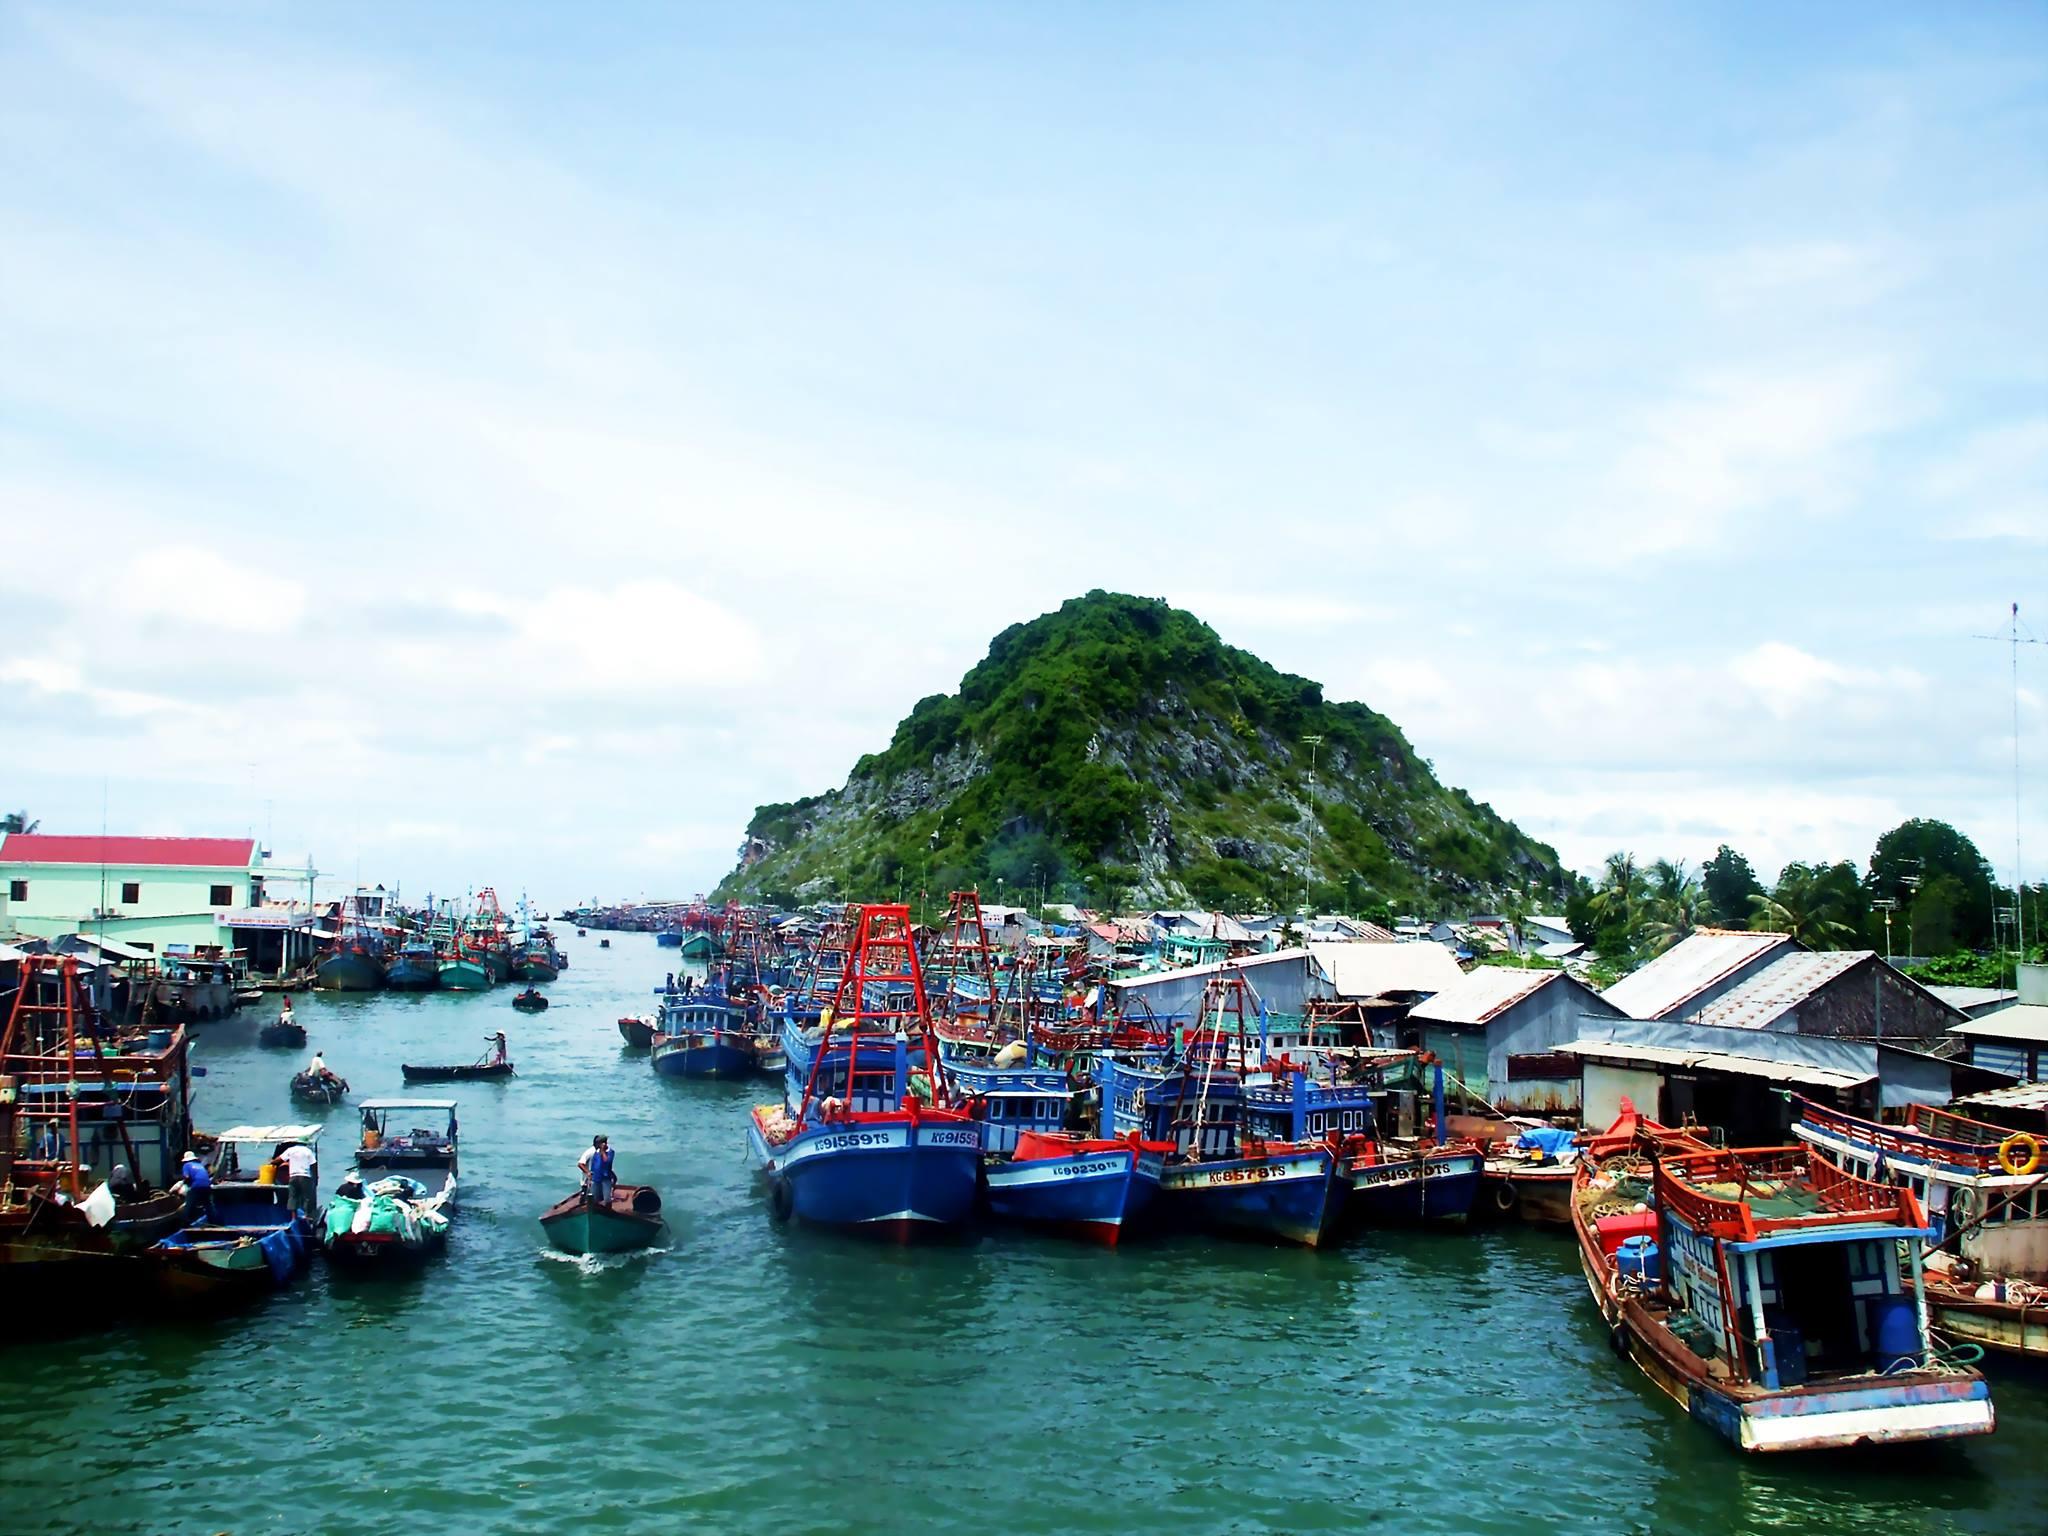 Test Sera Kiên Giang - Ngành nuôi tôm tỉnh Kiên Giang